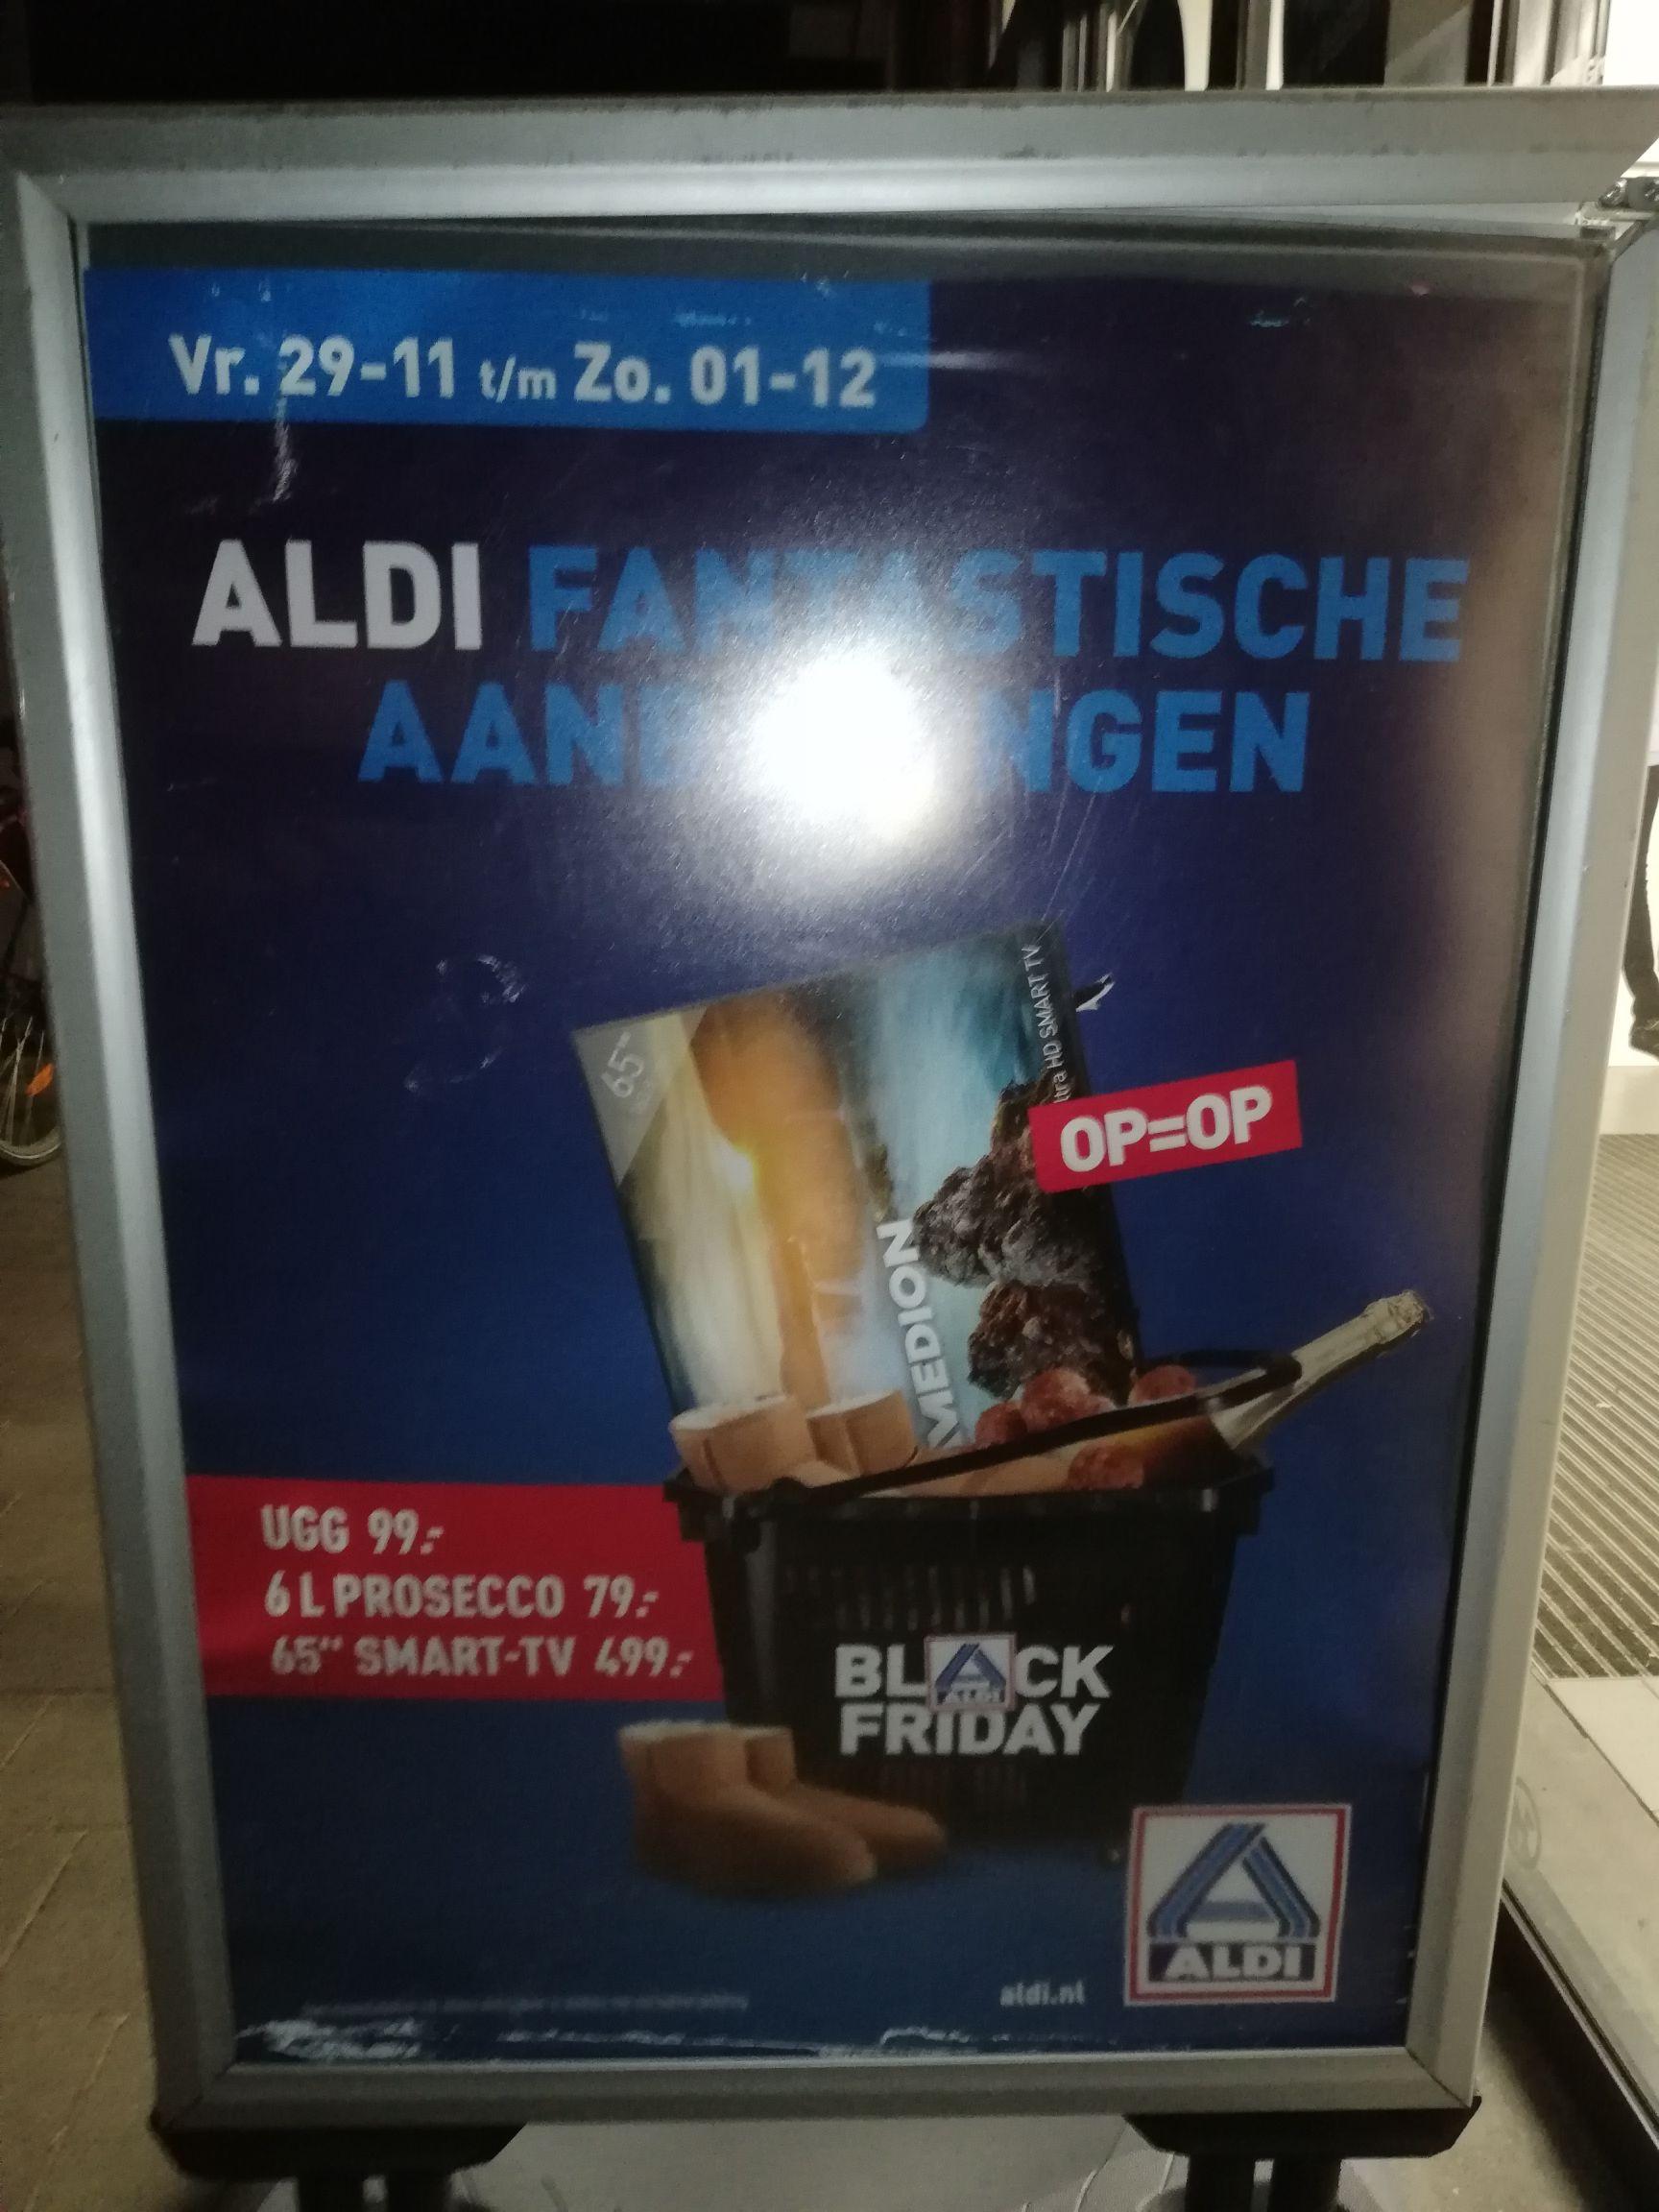 Black Friday bij Aldi: Prijzen bekend gemaakt